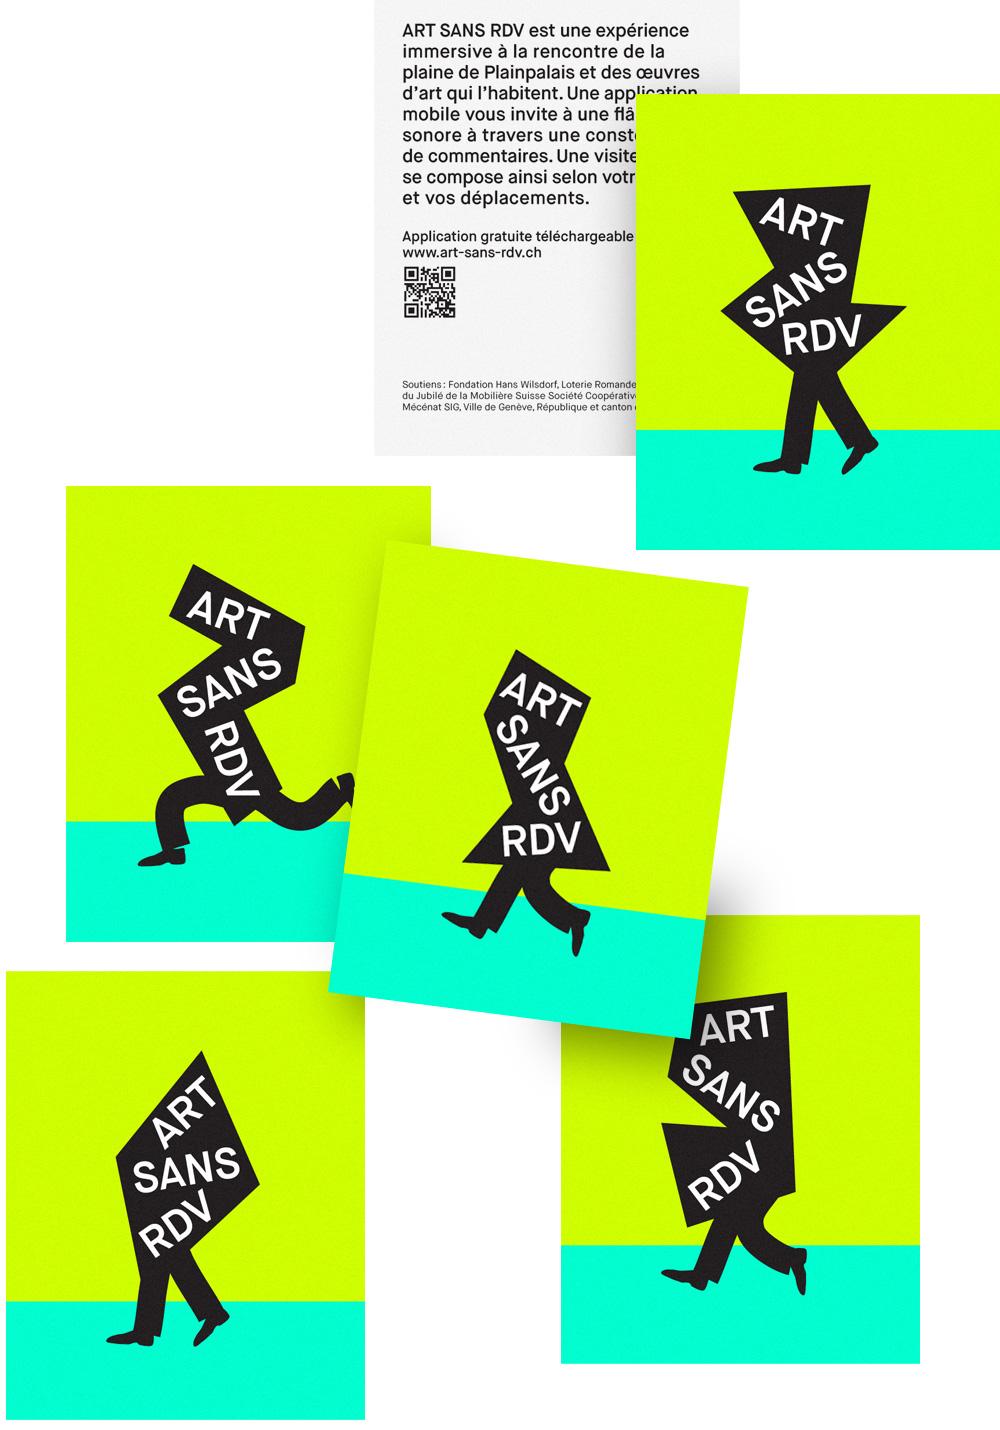 AMI-artsansrdv-flyer